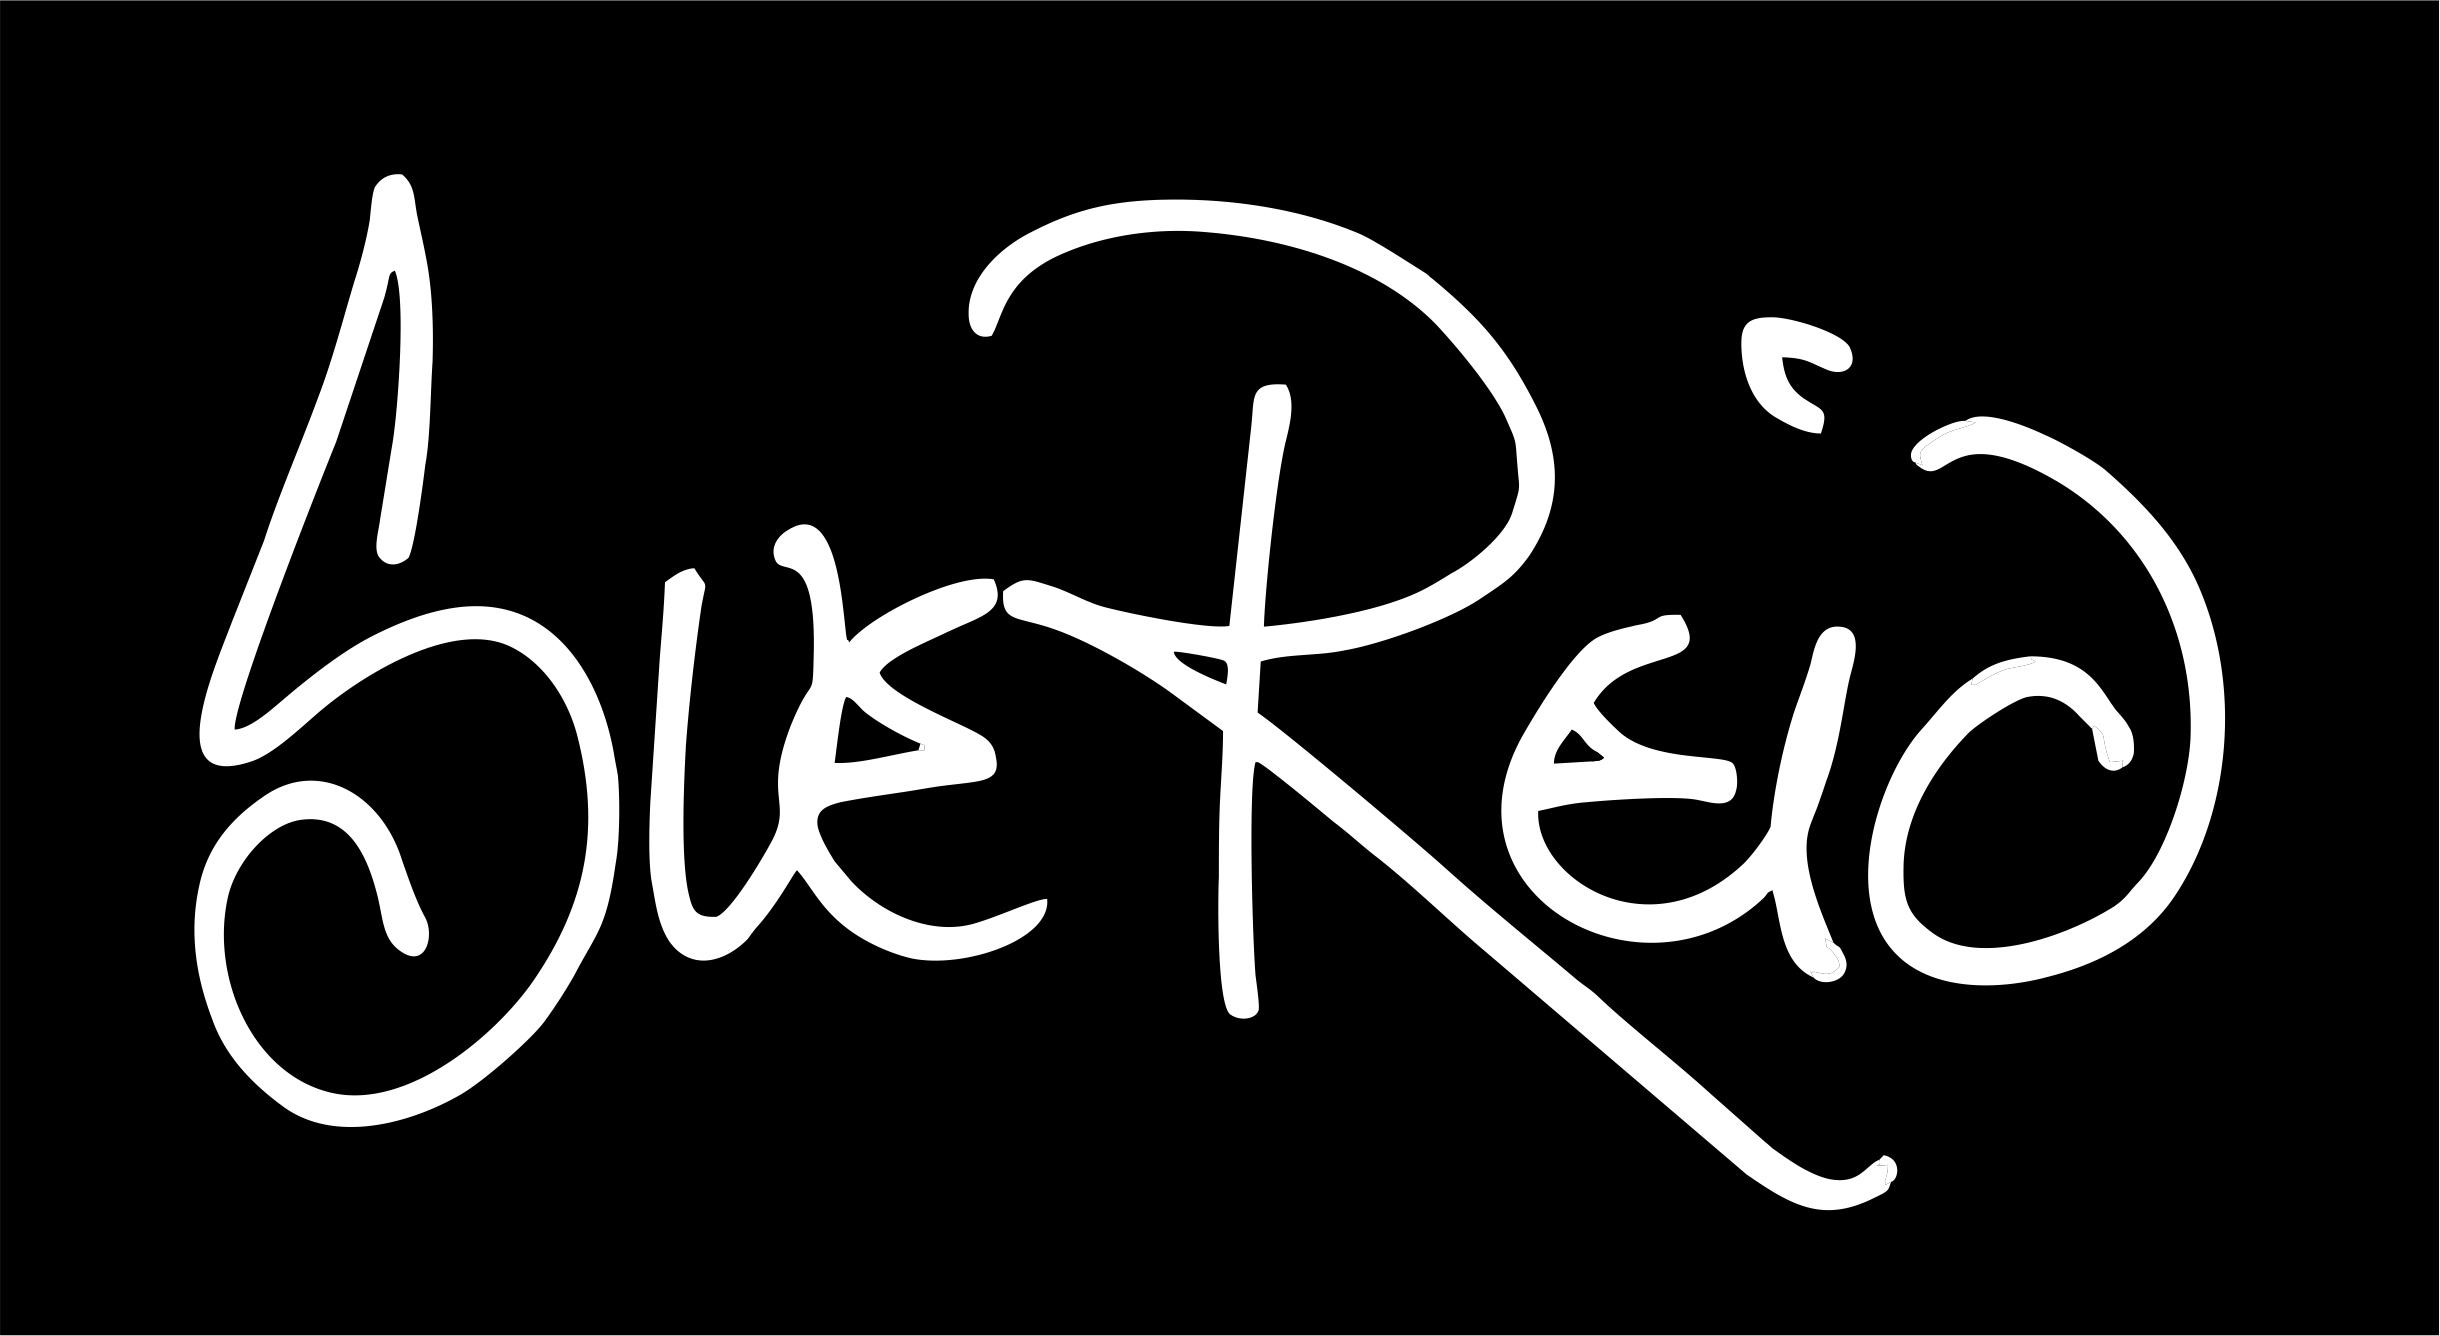 suE REID's Signature